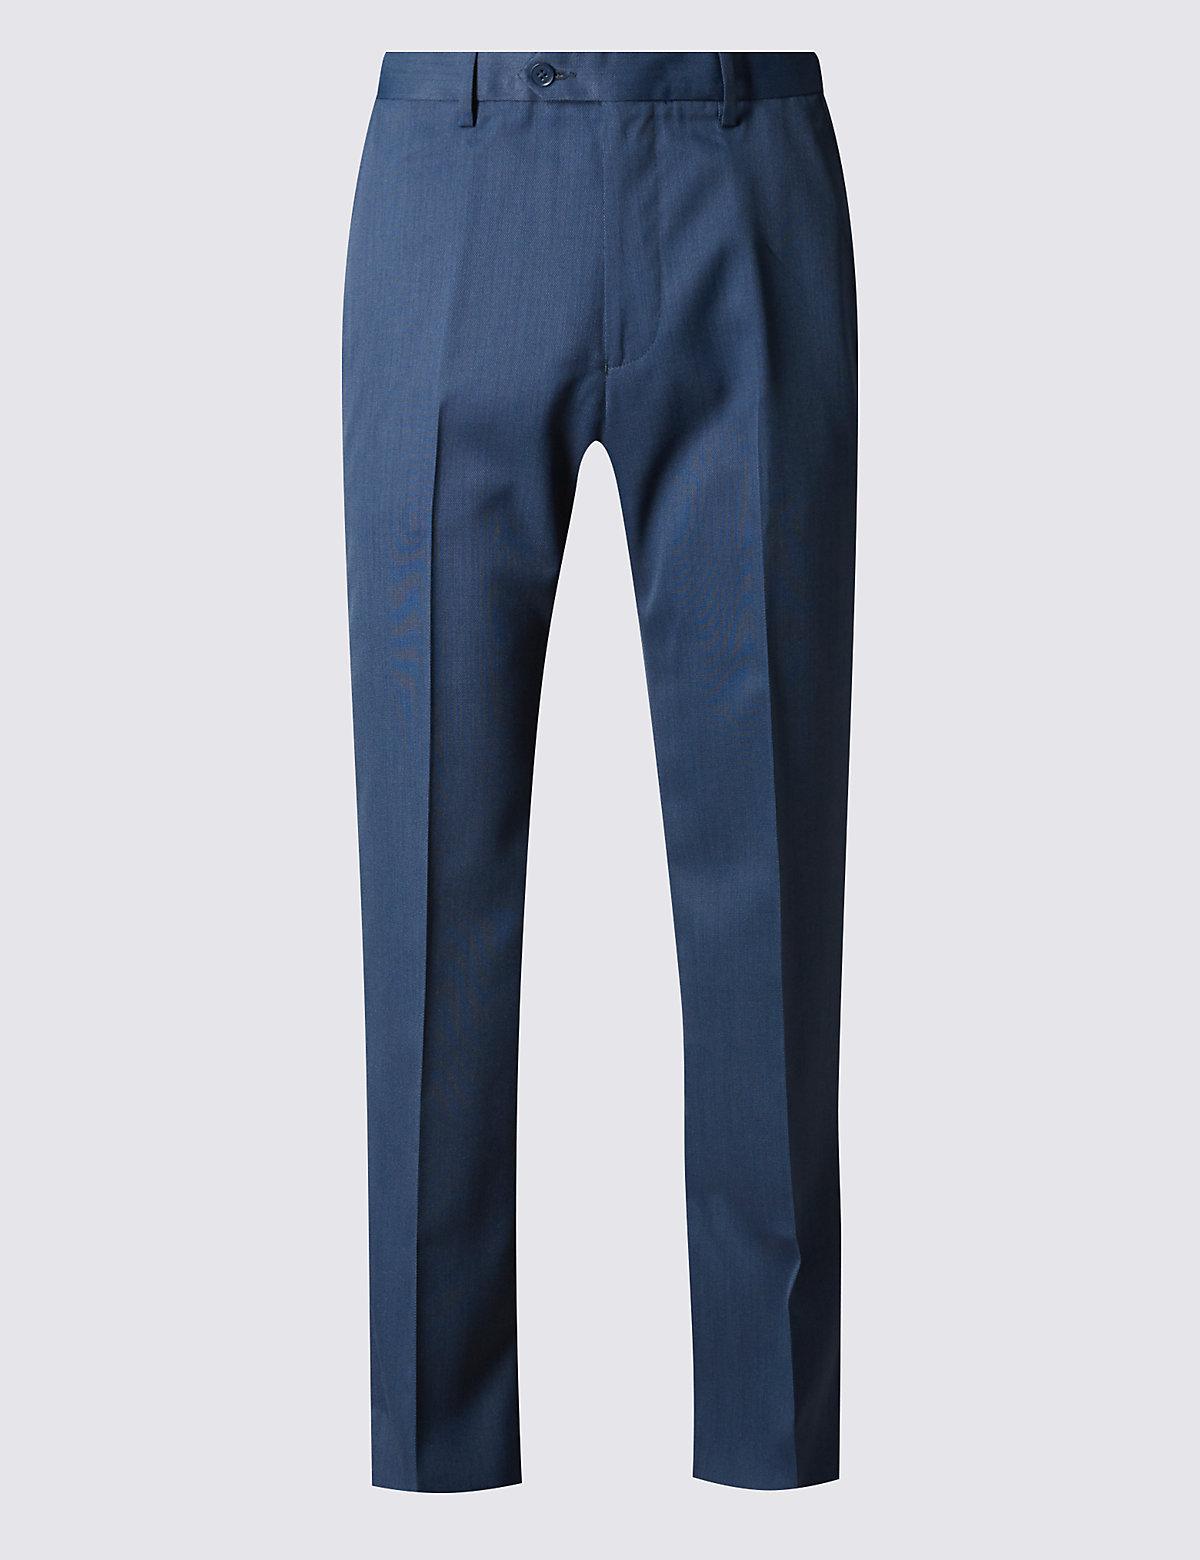 Брюки мужские классического кроя без защипов M&S Collection. Цвет: королевский синий